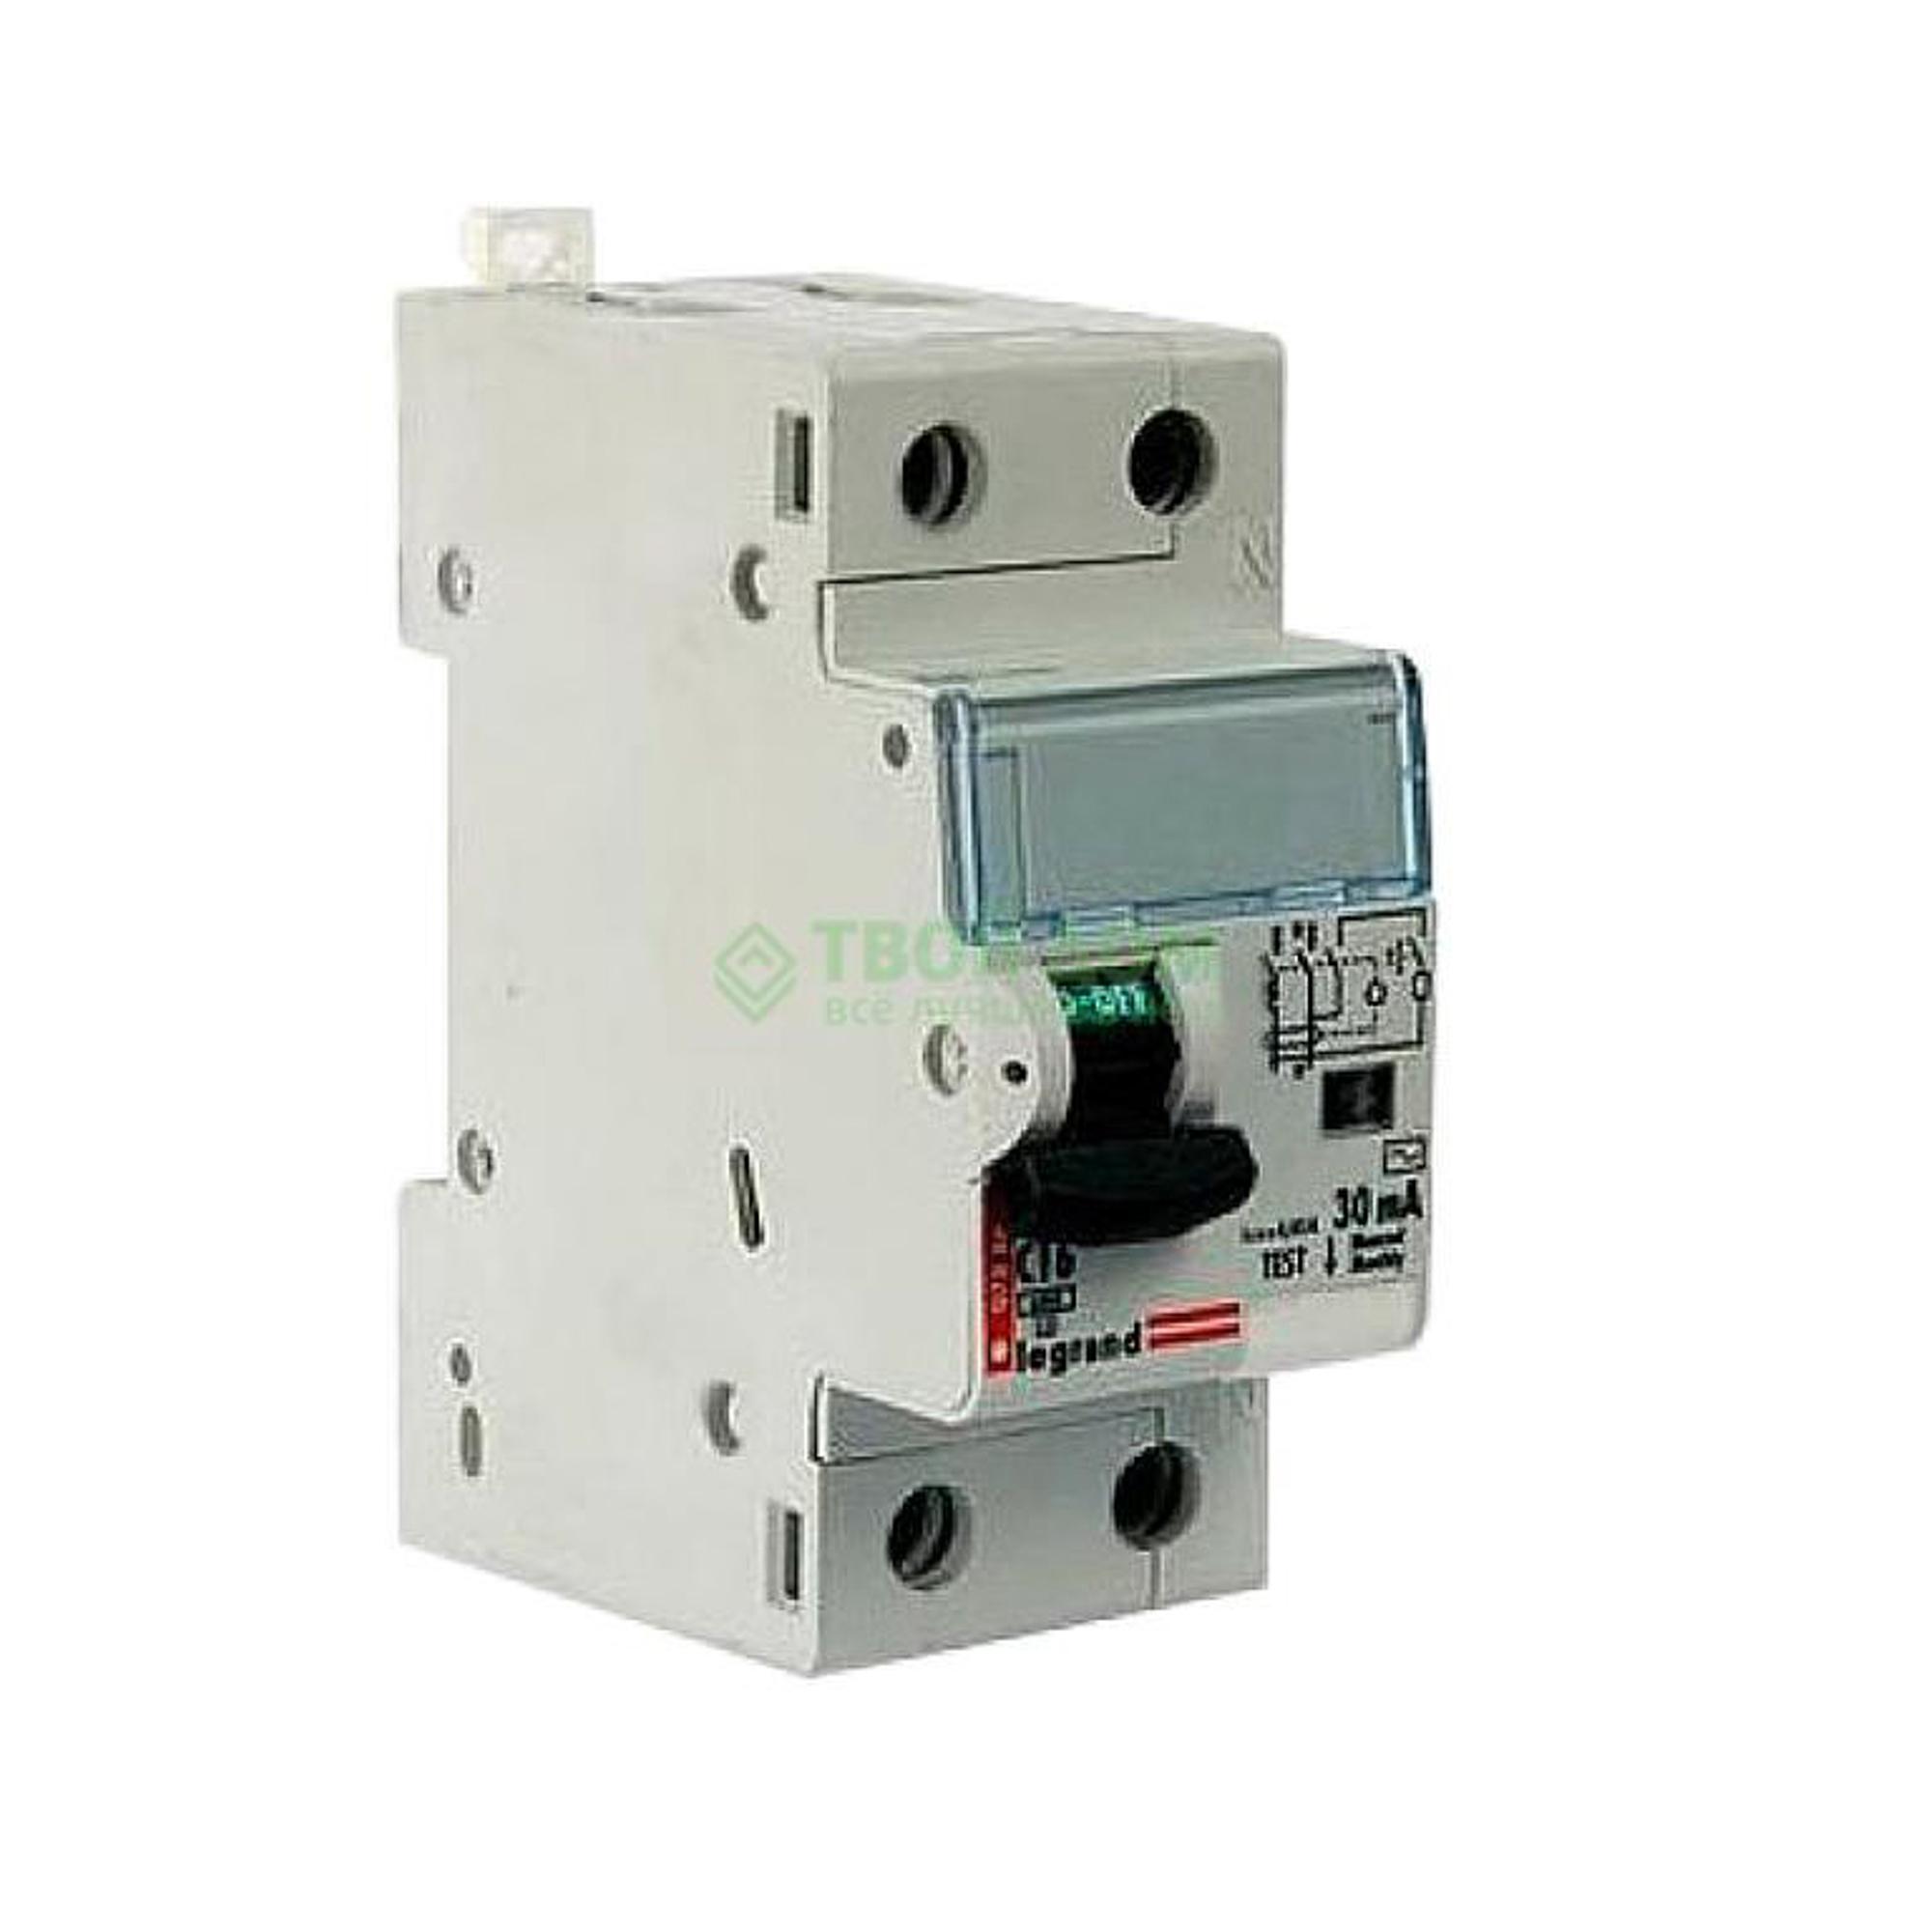 Купить Legrand Выключатель автоматический авдт dx3 1п+н 411006, автоматический выключатель, Франция